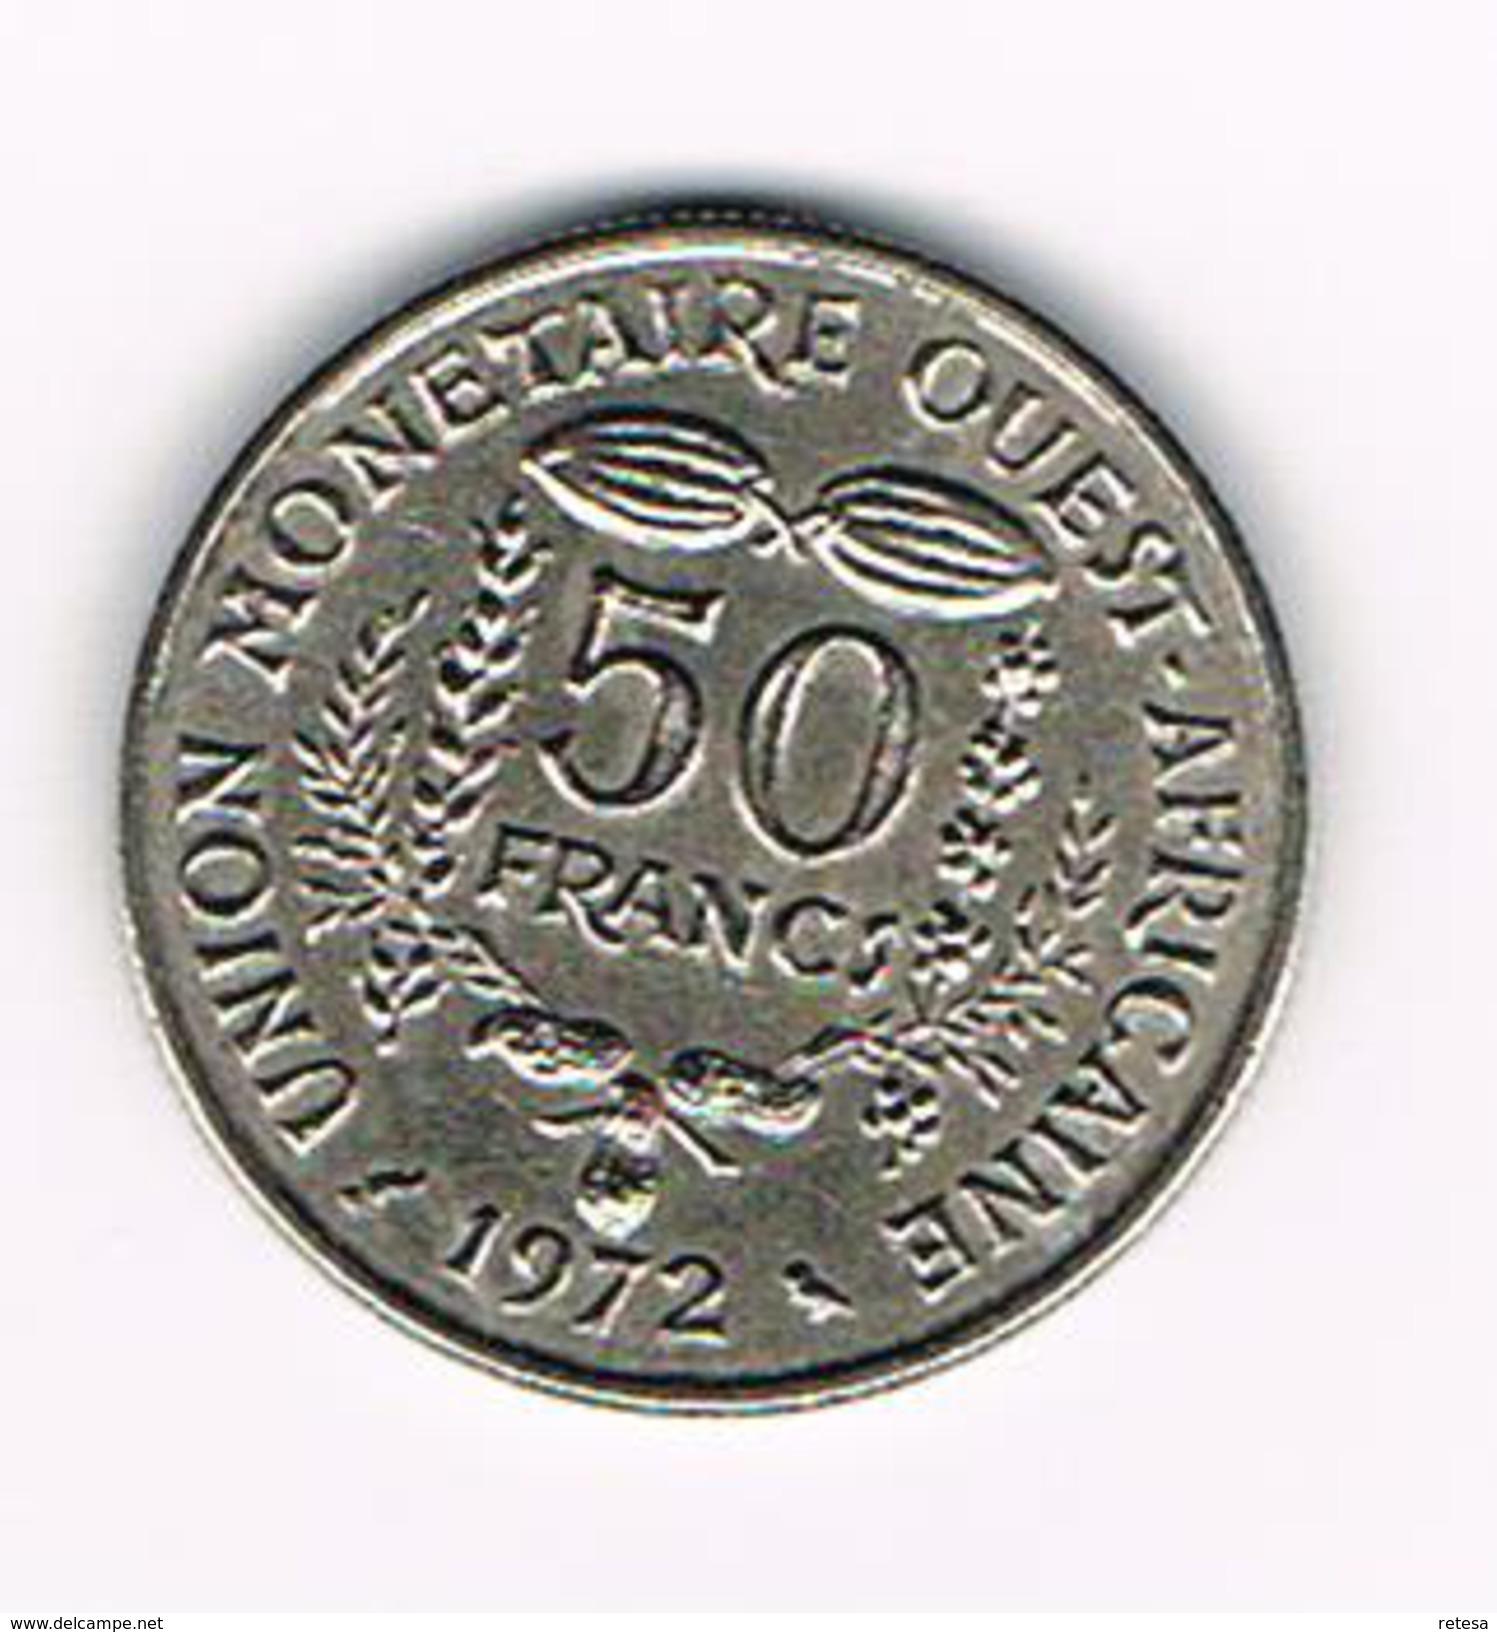 °°°  WEST AFRICAN STATES  50 FRANCS  1972 - Centrafricaine (République)